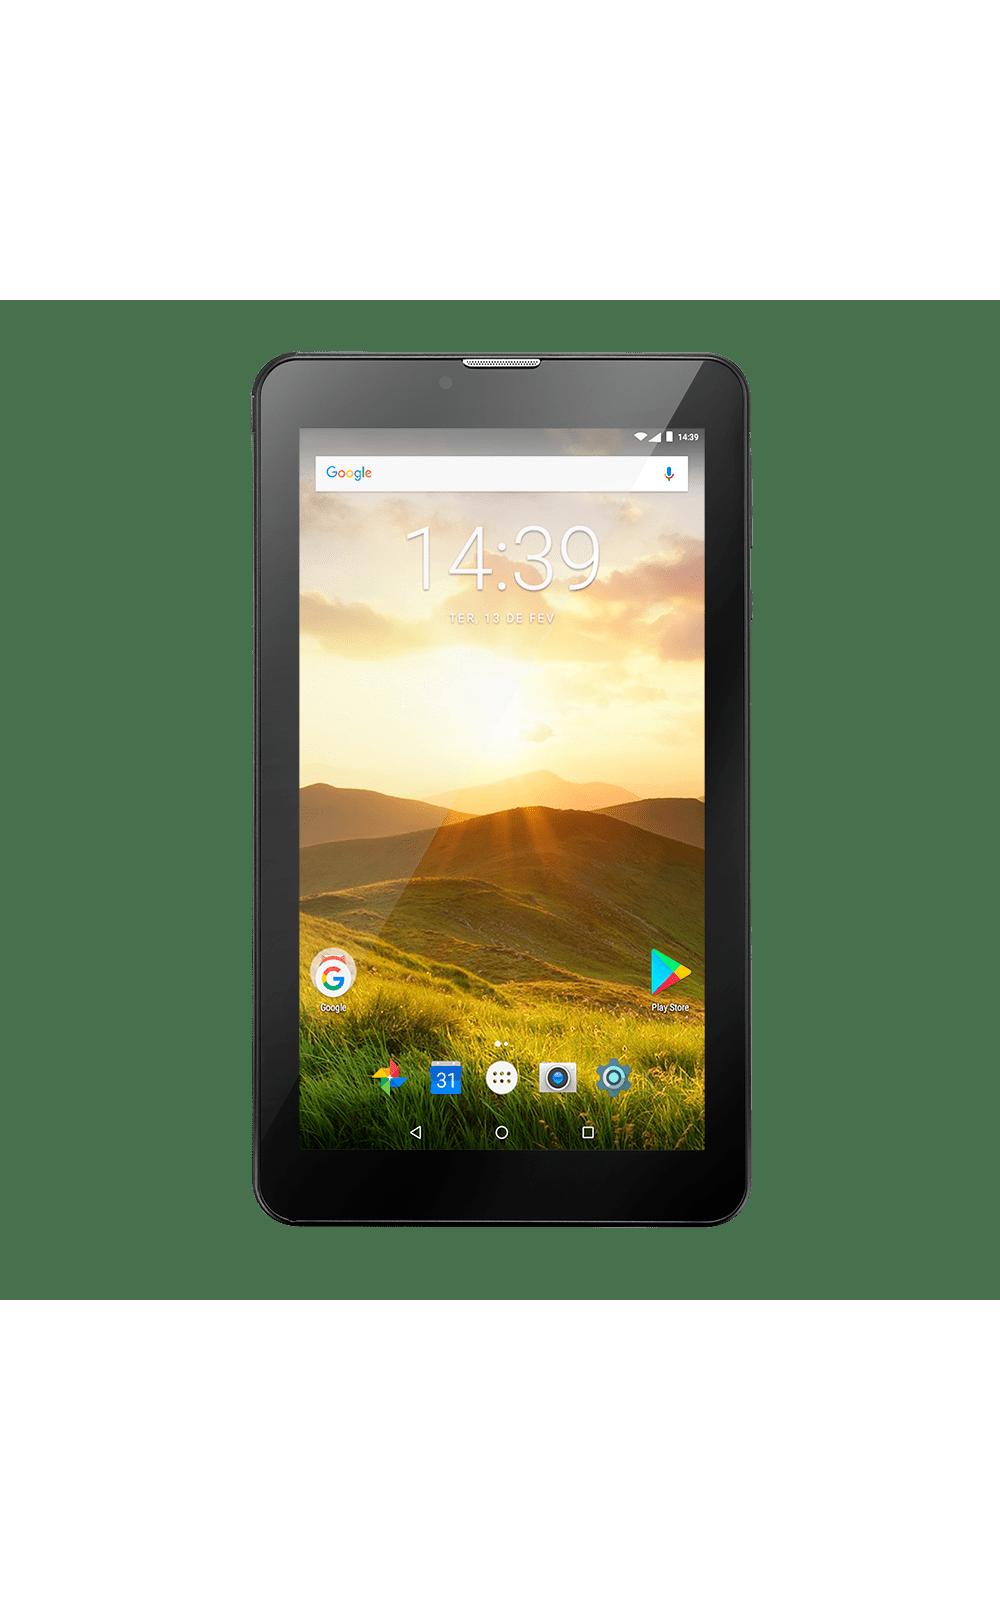 Foto 1 - Tablet Multilaser M7 4G Plus Quad Core 1GB 8GB Tela 7 Pol. Android Dual Câmera Preto - NB285